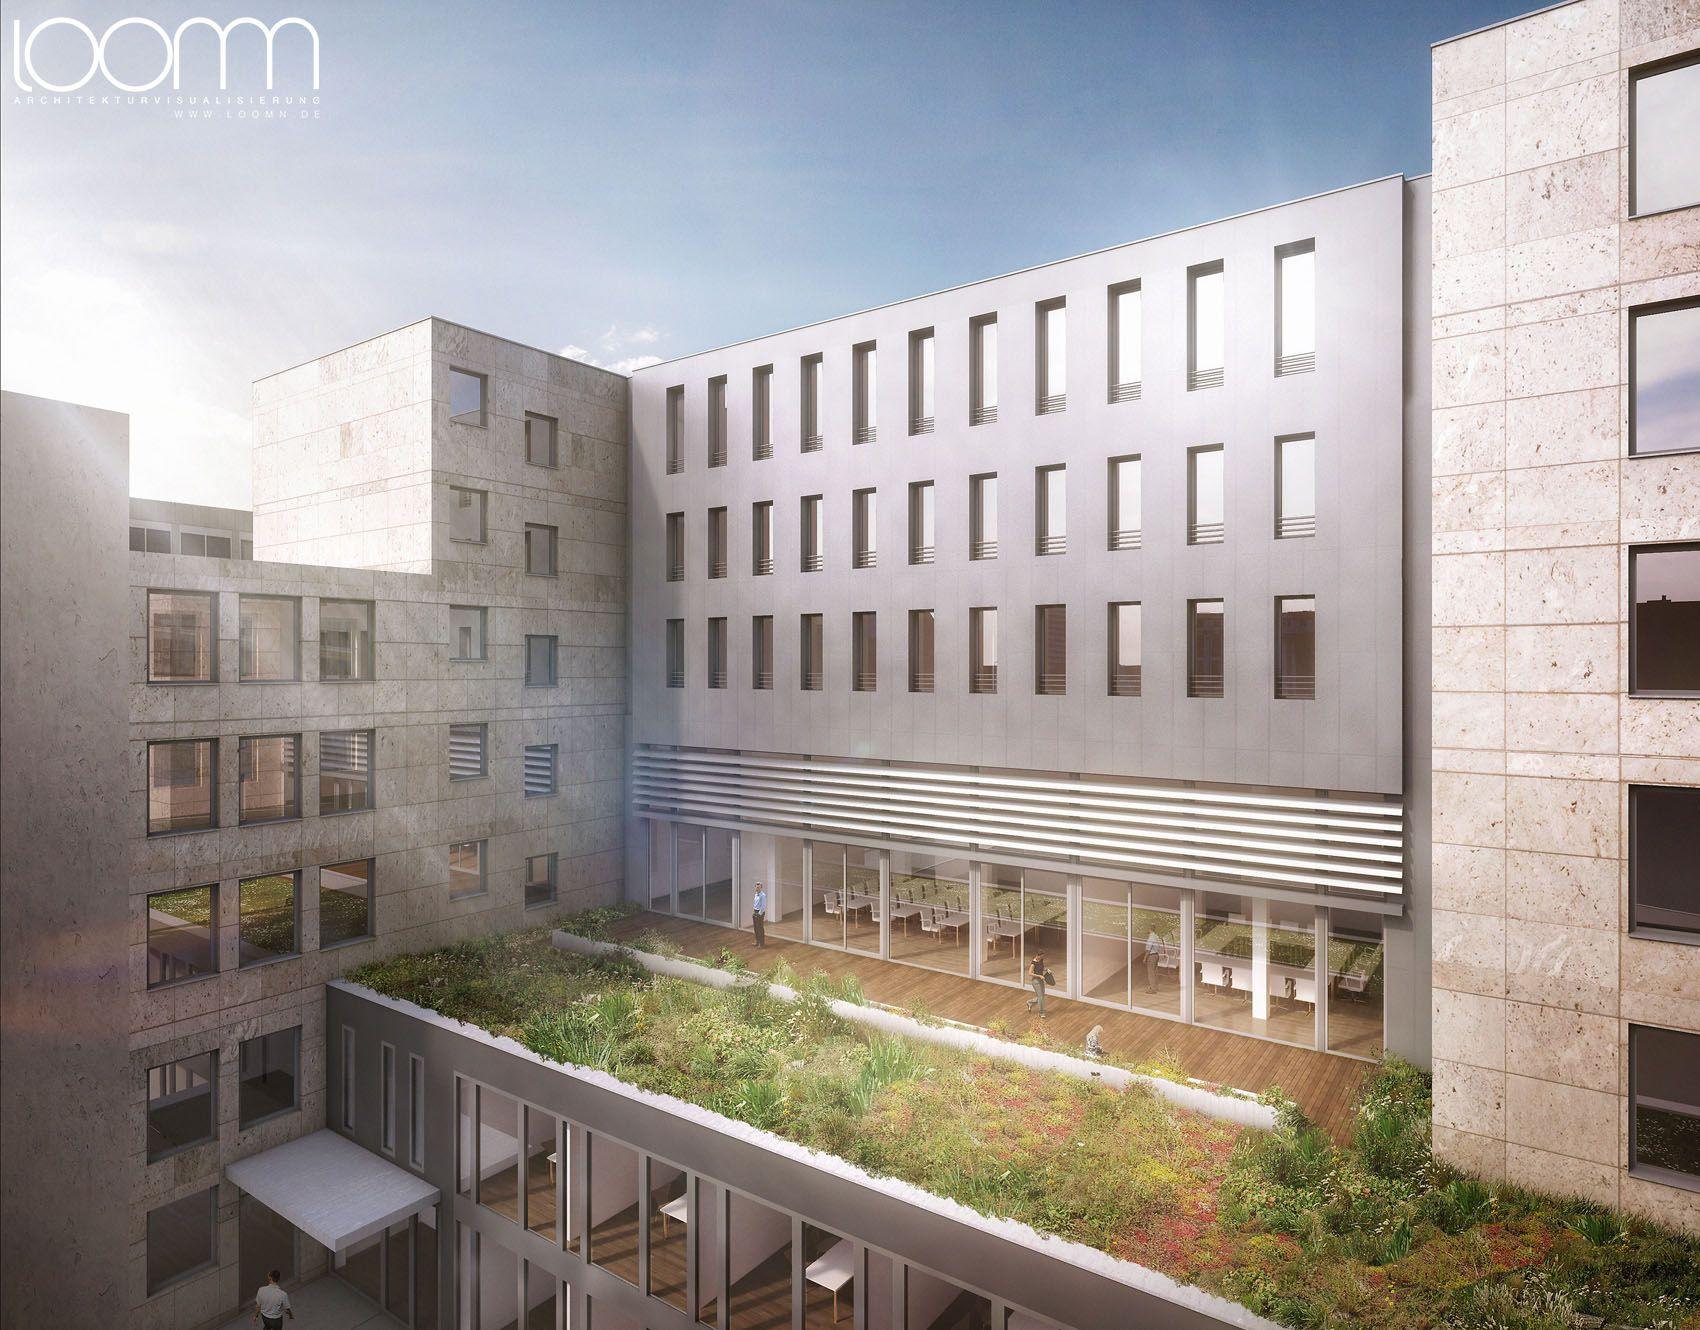 Architekten In Bielefeld hauer architekten bielefeld hauptverwaltung volksbank